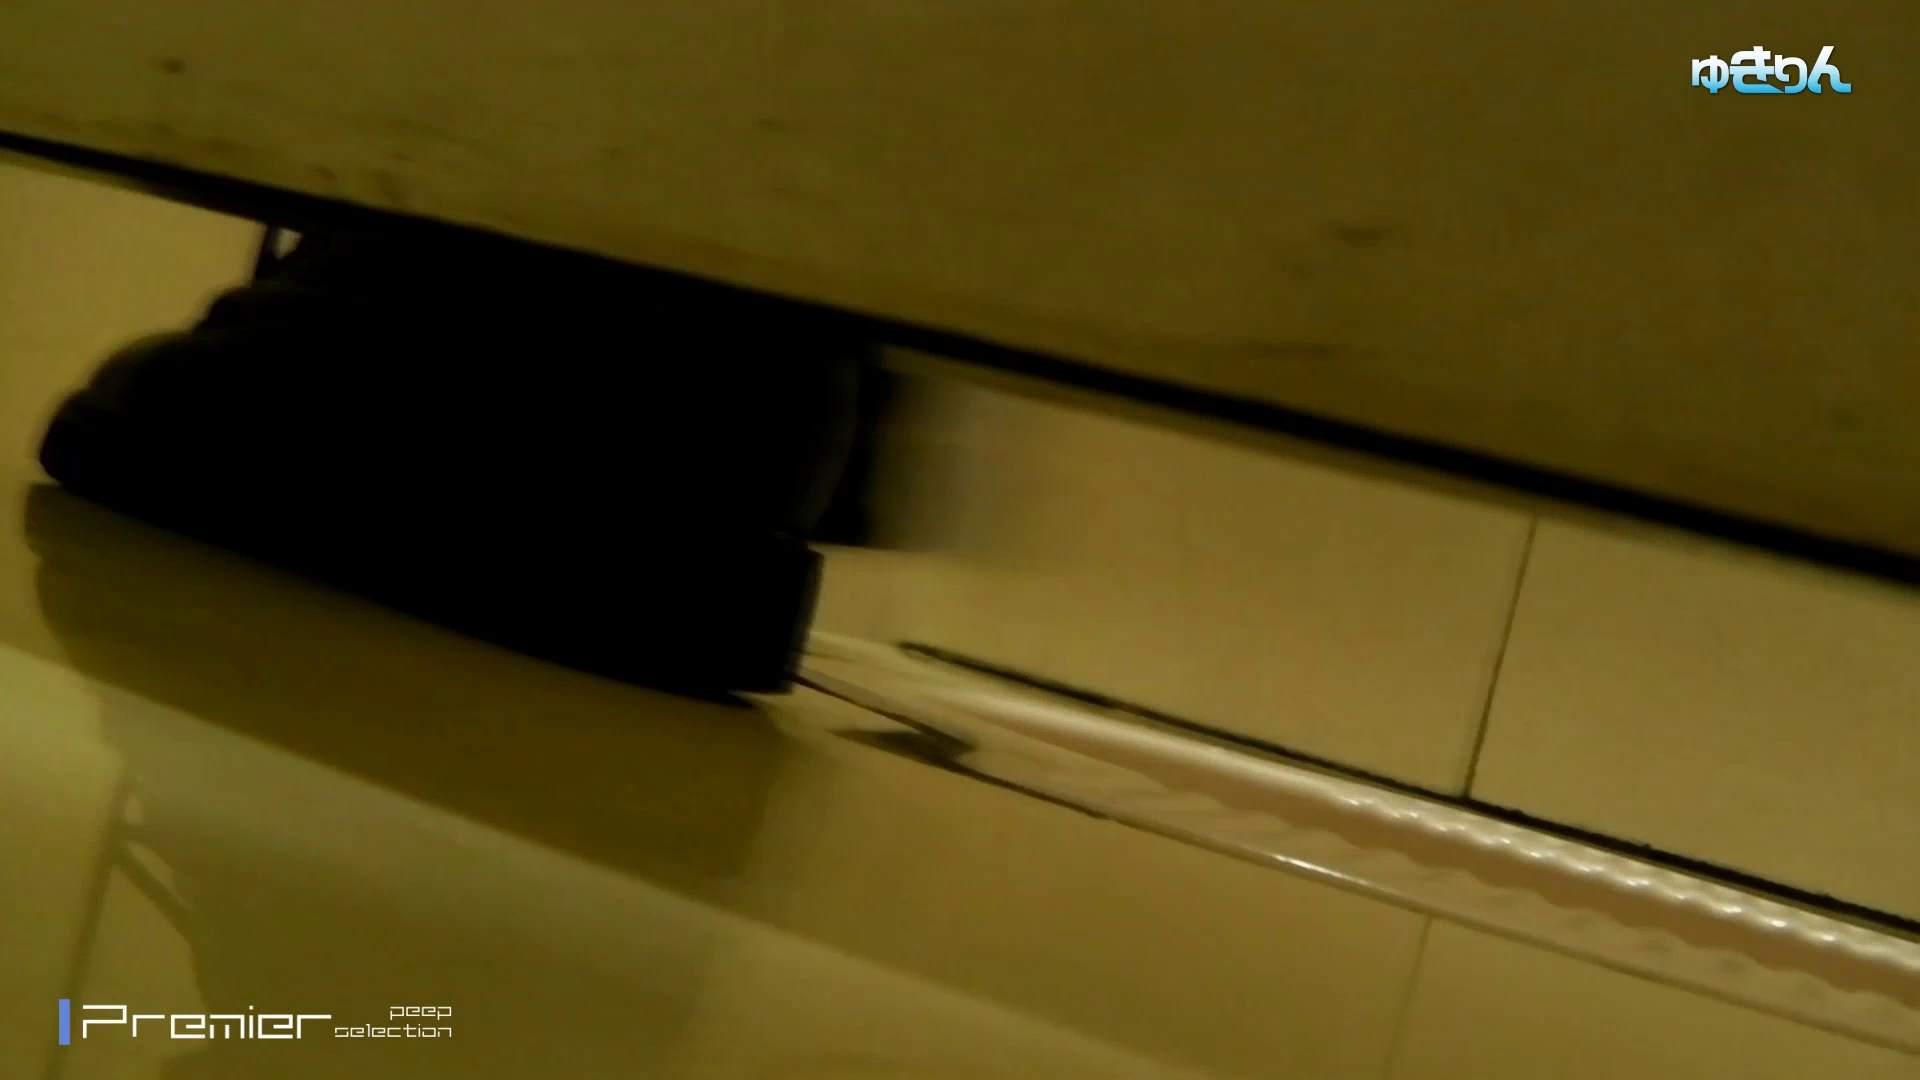 新世界の射窓 No87今回は二人エロい尻の持ち主登場 高画質 おまんこ動画流出 51画像 23